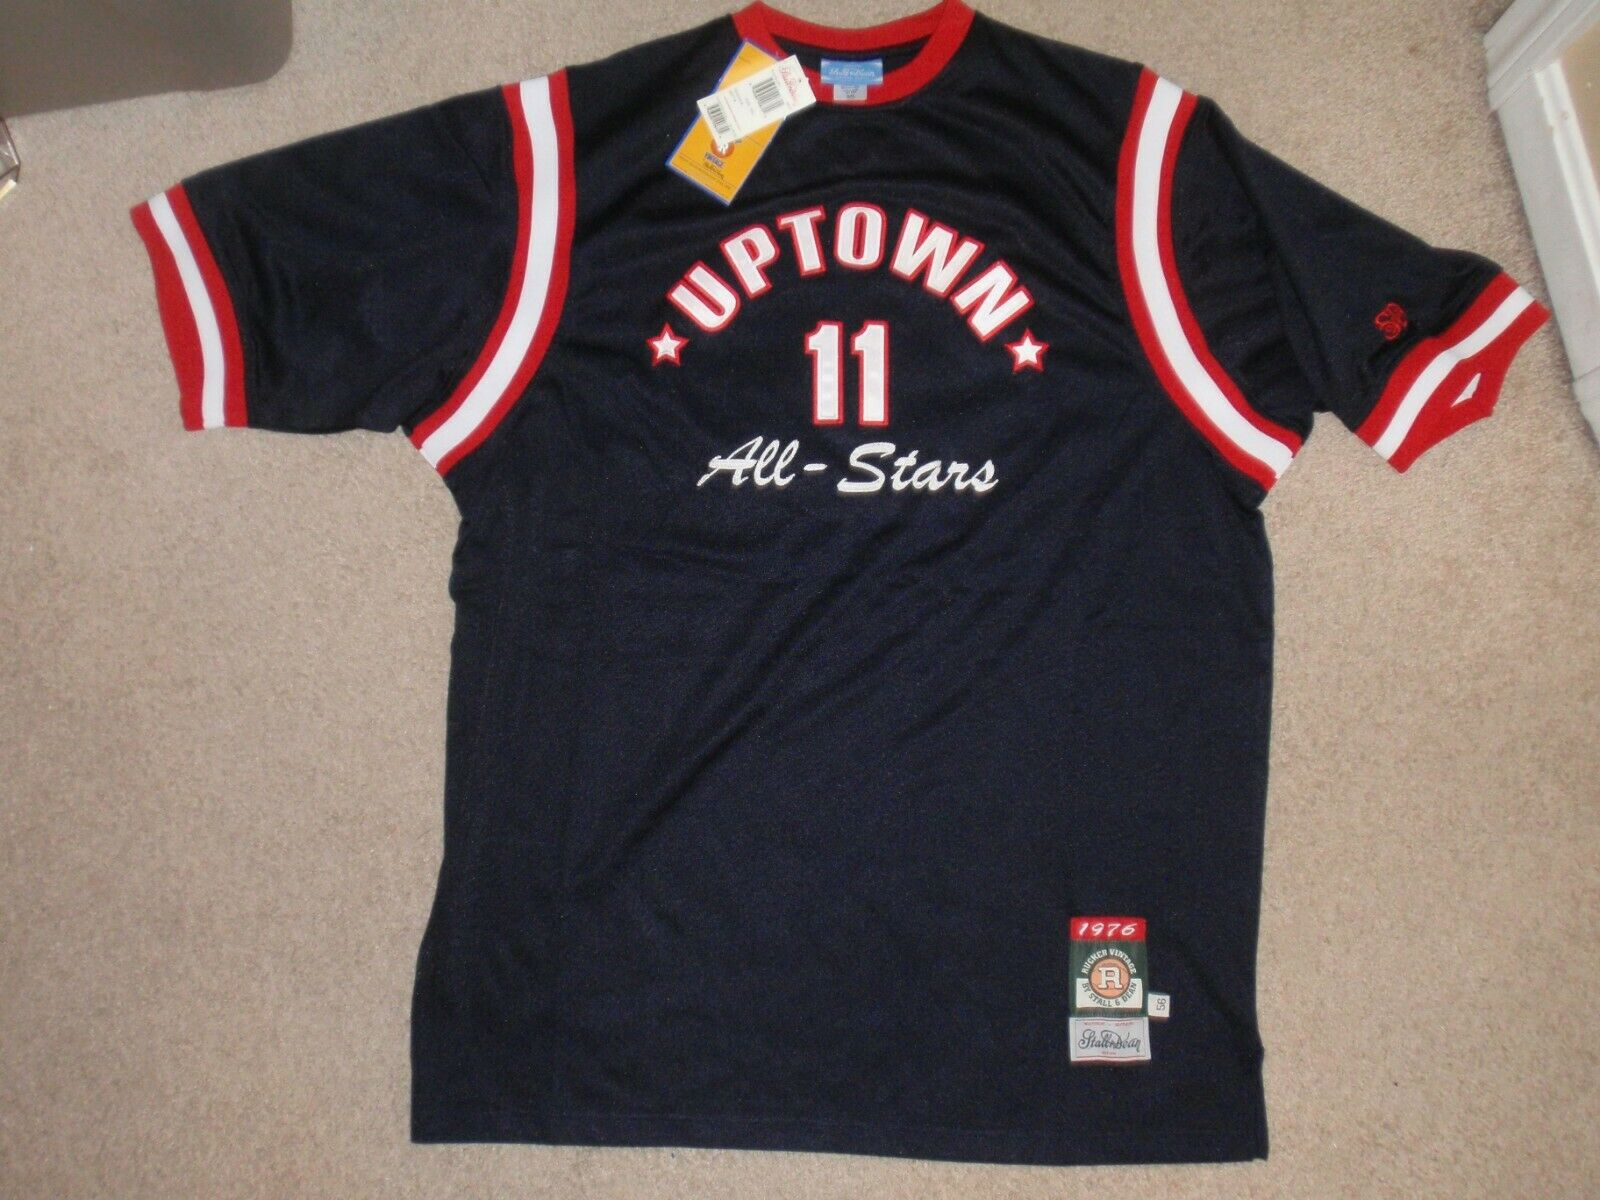 Nueva con etiquetas para hombres 3XL XXXL Stall & Dean Rucker Uptown todas las estrellas Baloncesto Camiseta Top